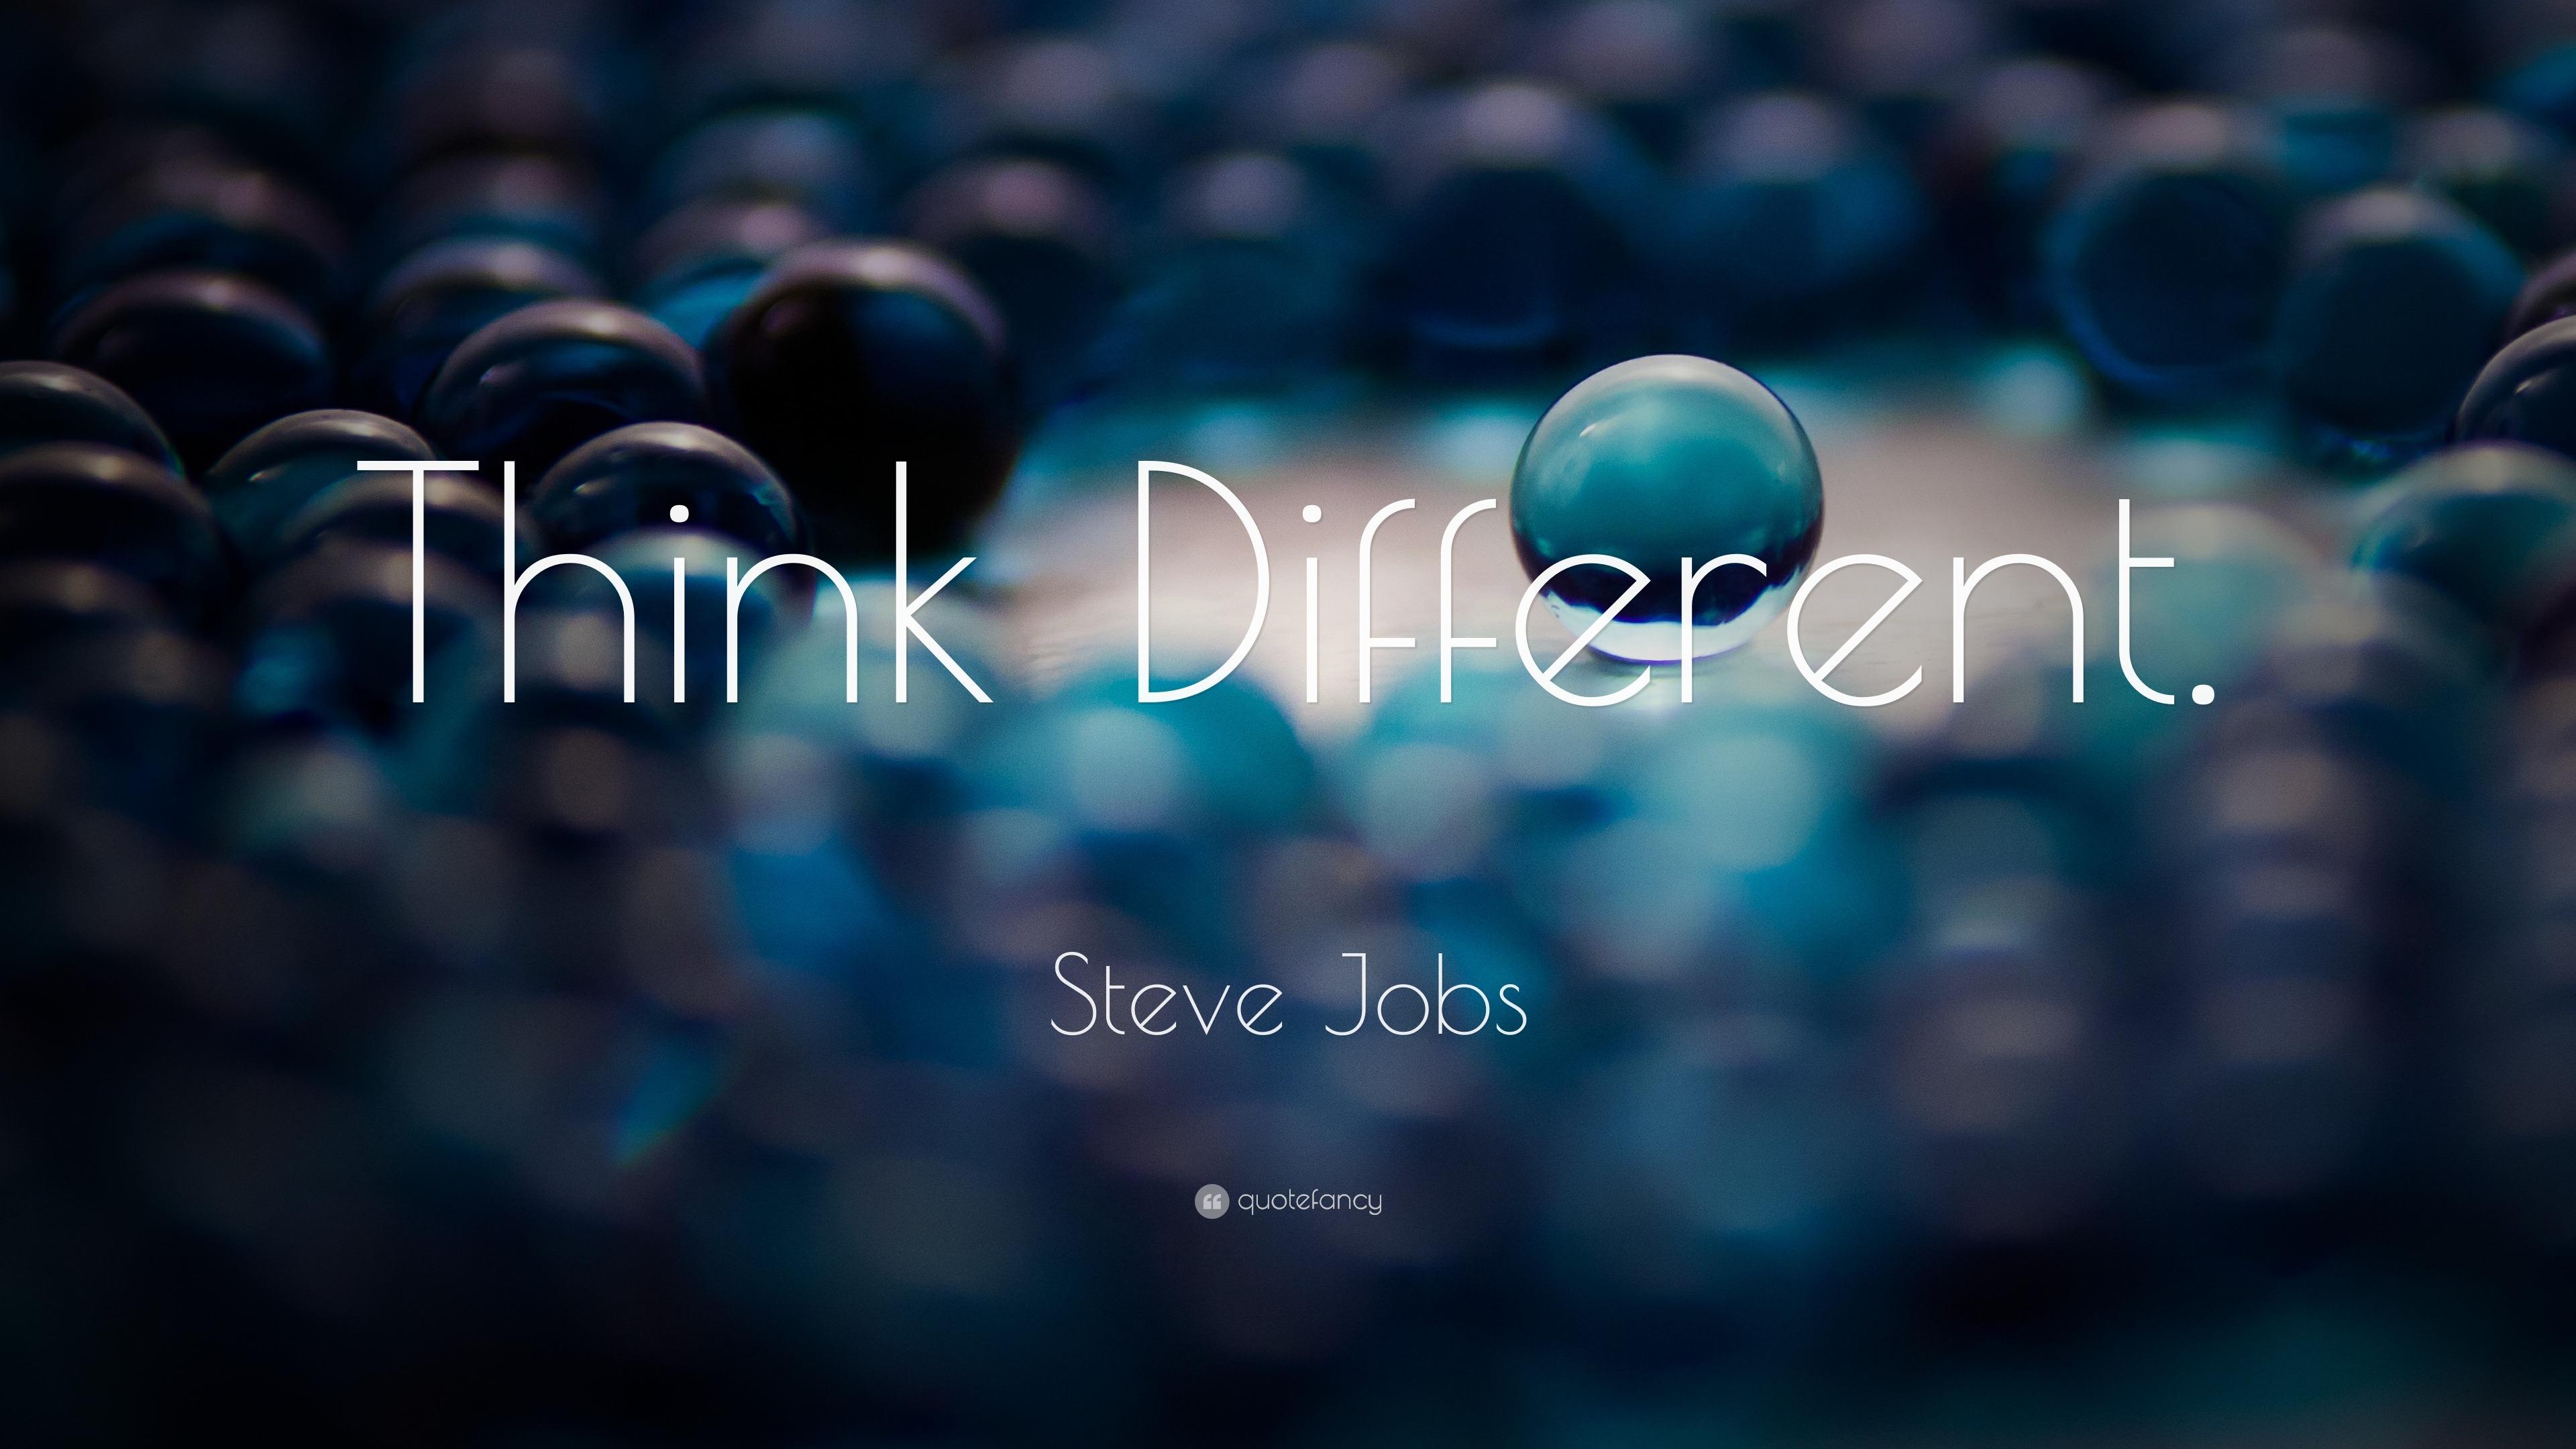 steve jobs quotes 100 wallpapers quotefancy